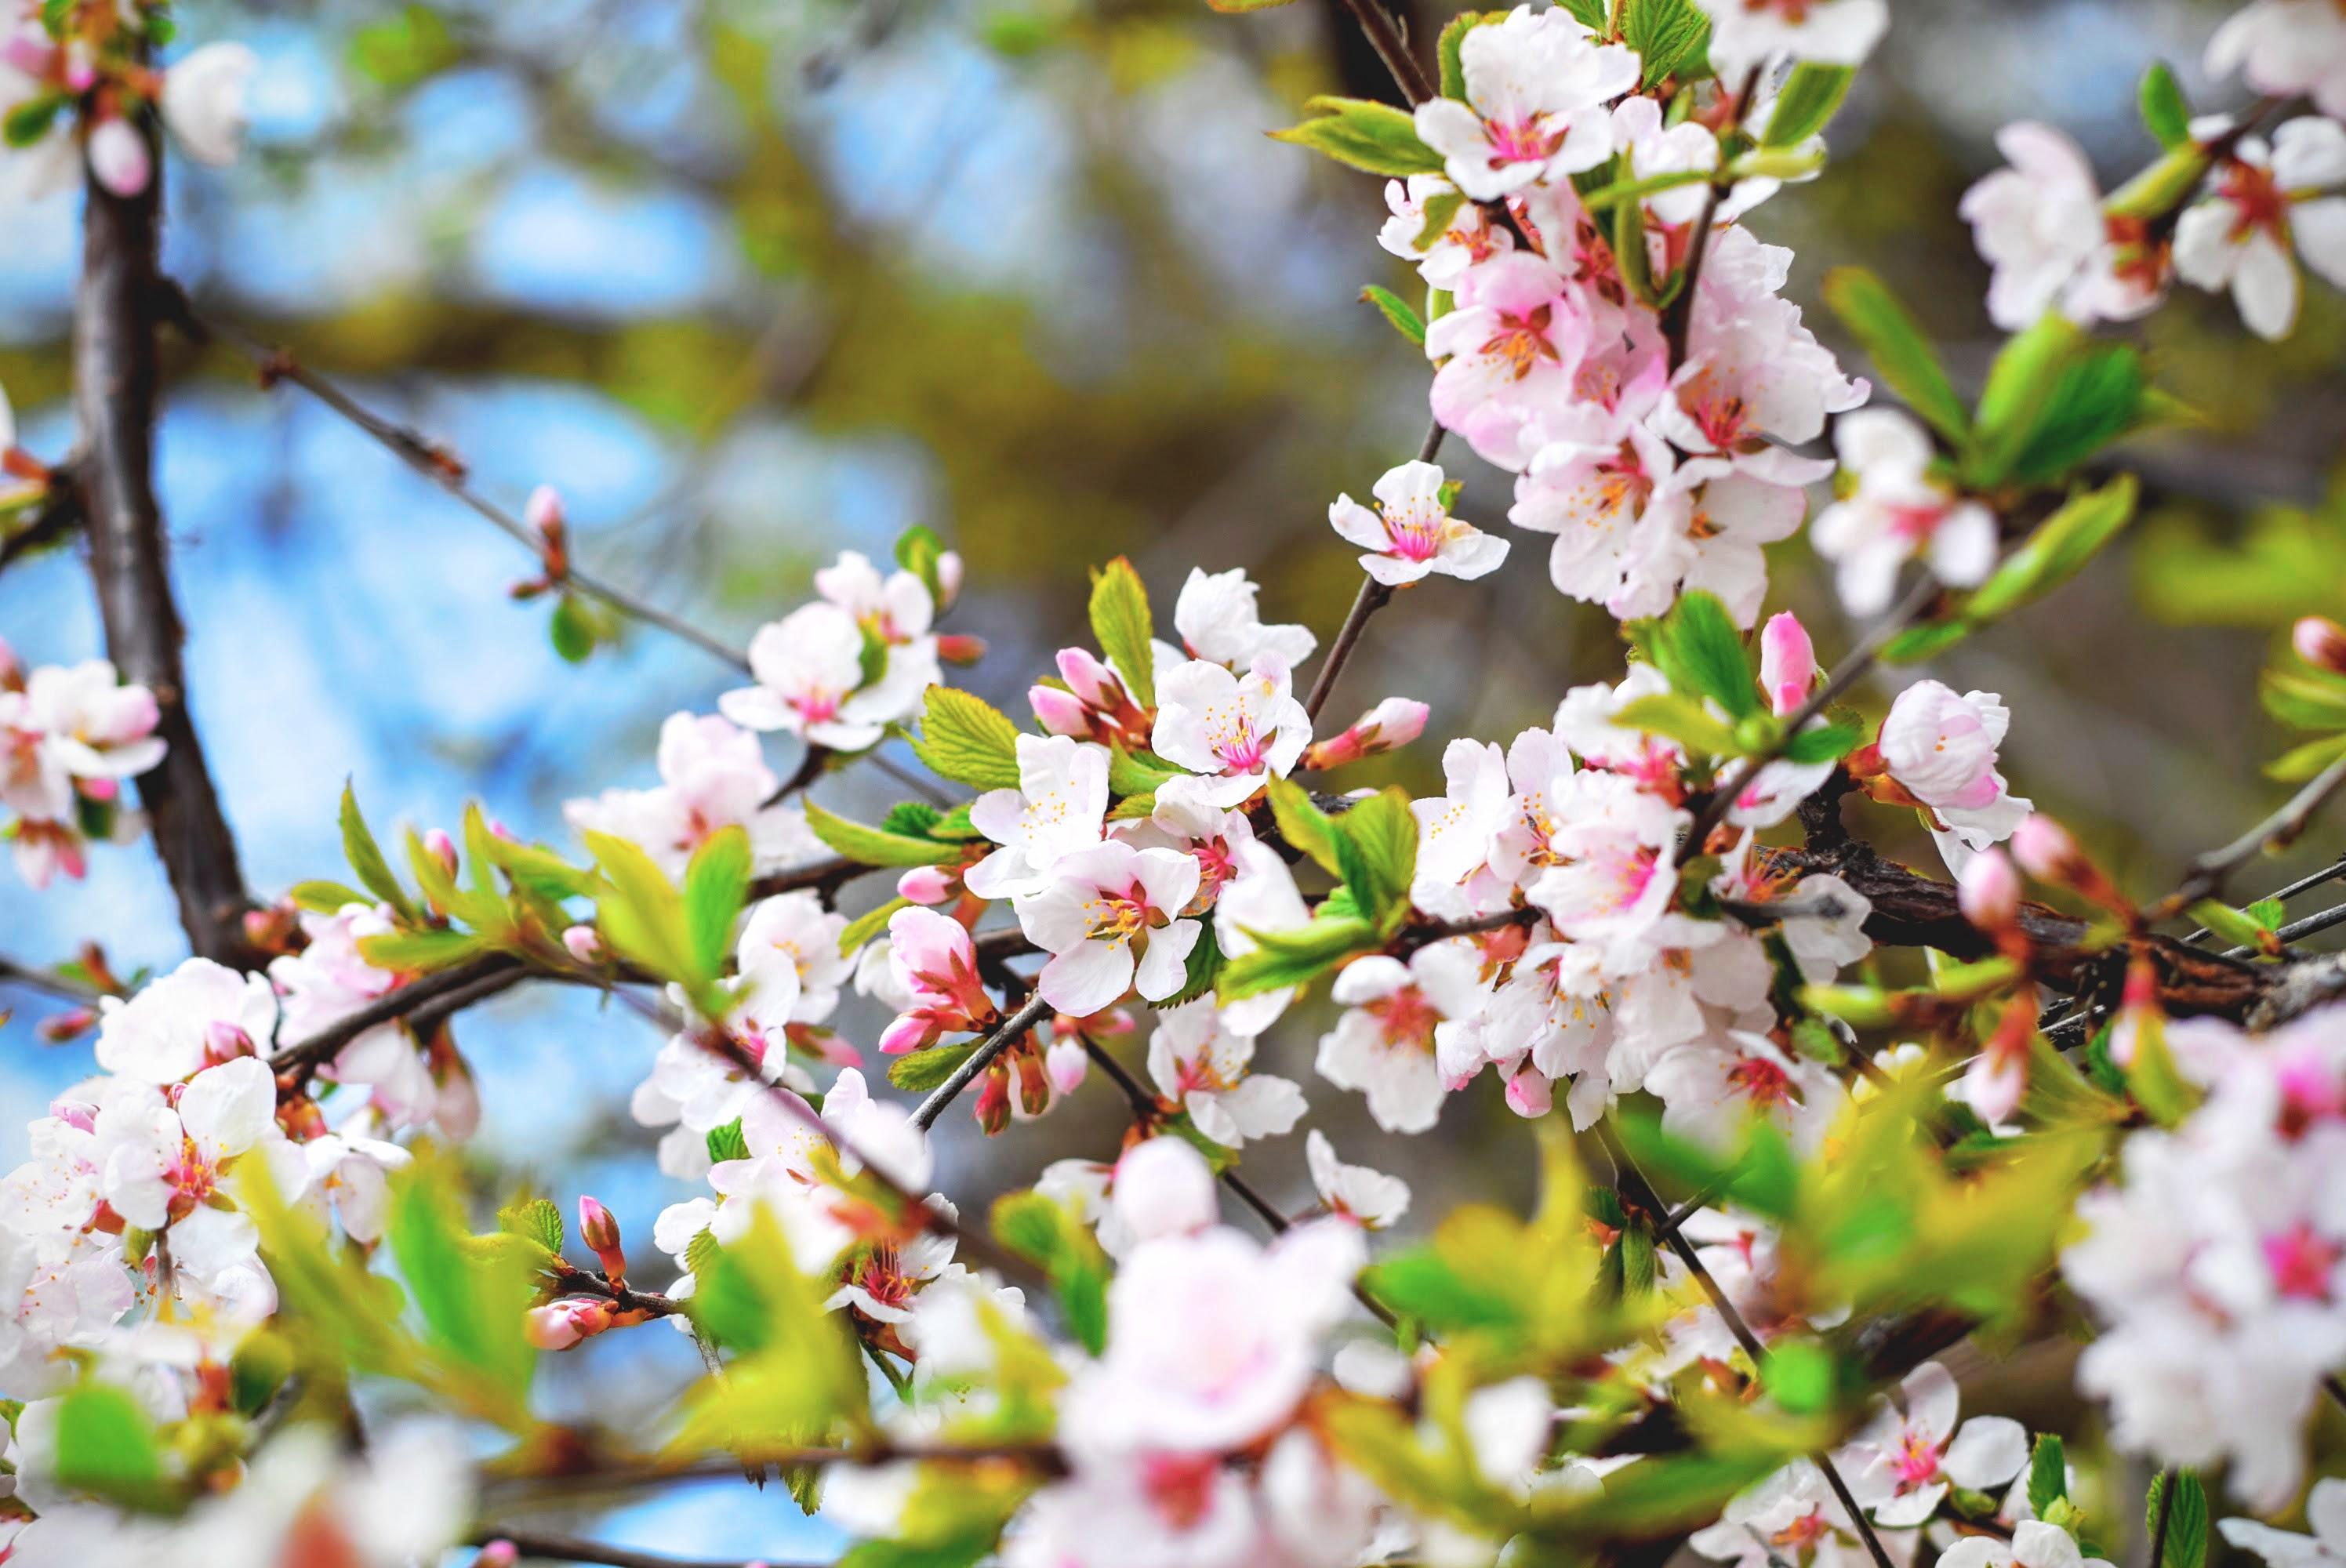 Blossom Flower Nature Branch White Flower Spring 2992x2000